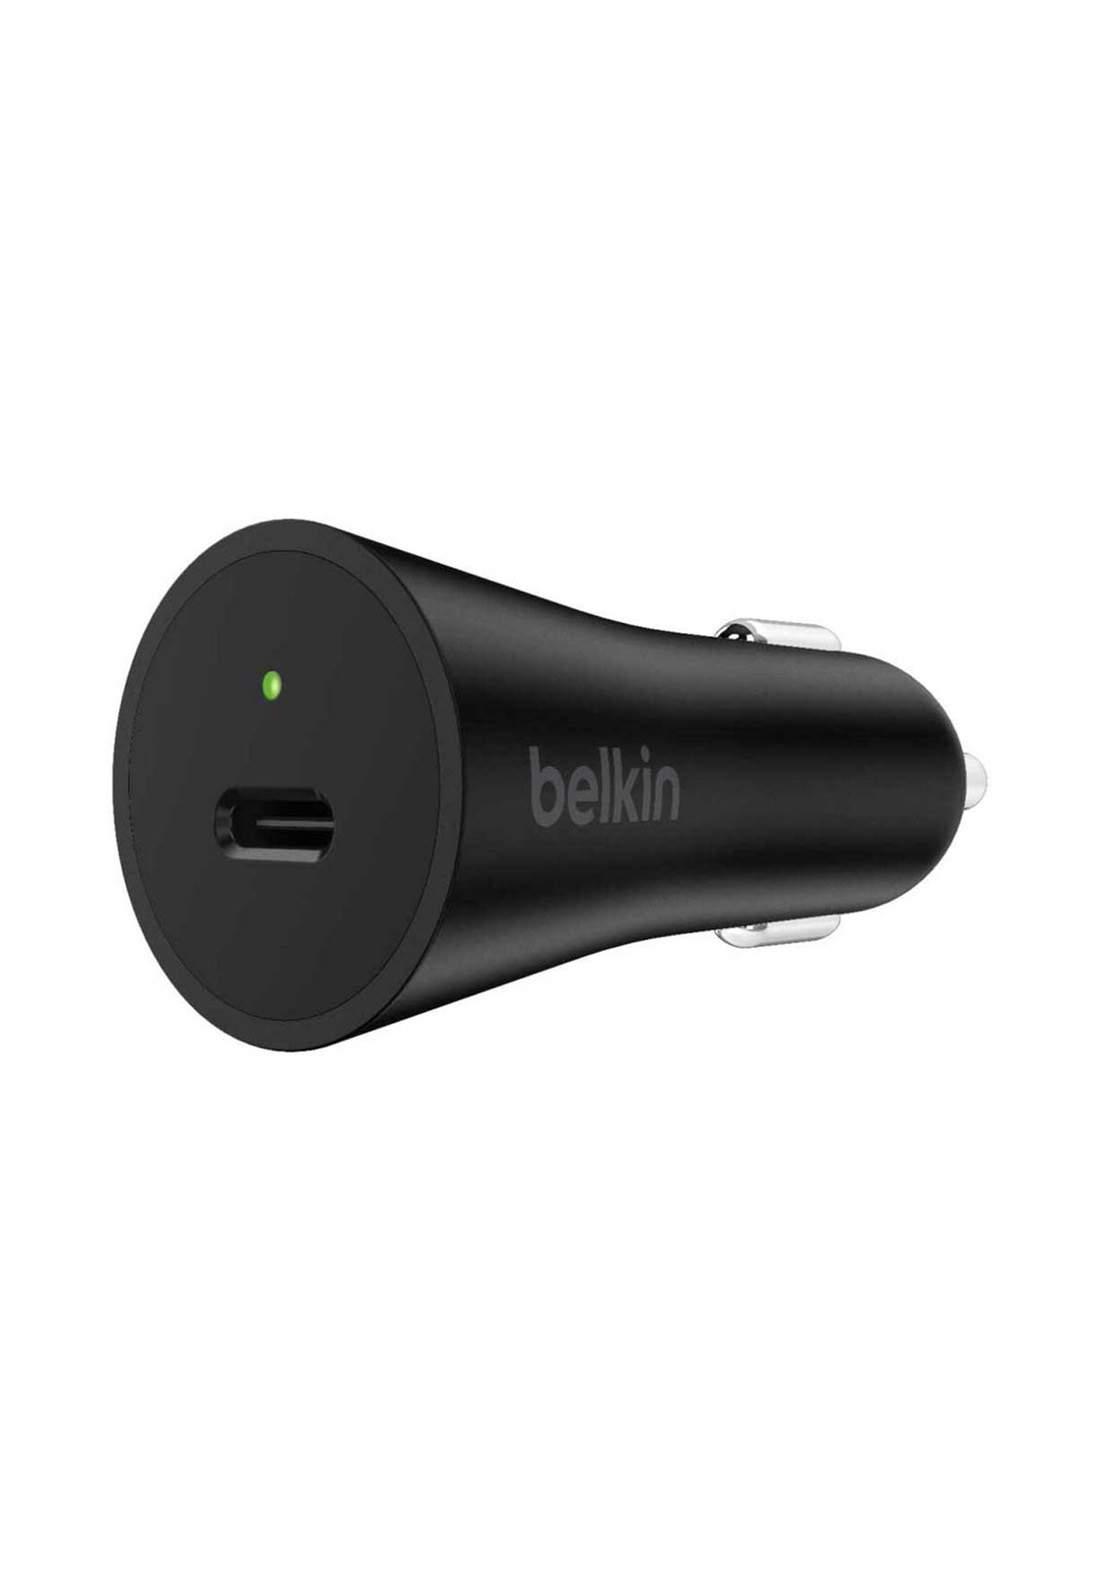 (3201)Belkin F7U071btBLK 27W USB-C Car Charger - Black شاحن موبايل للسيارة